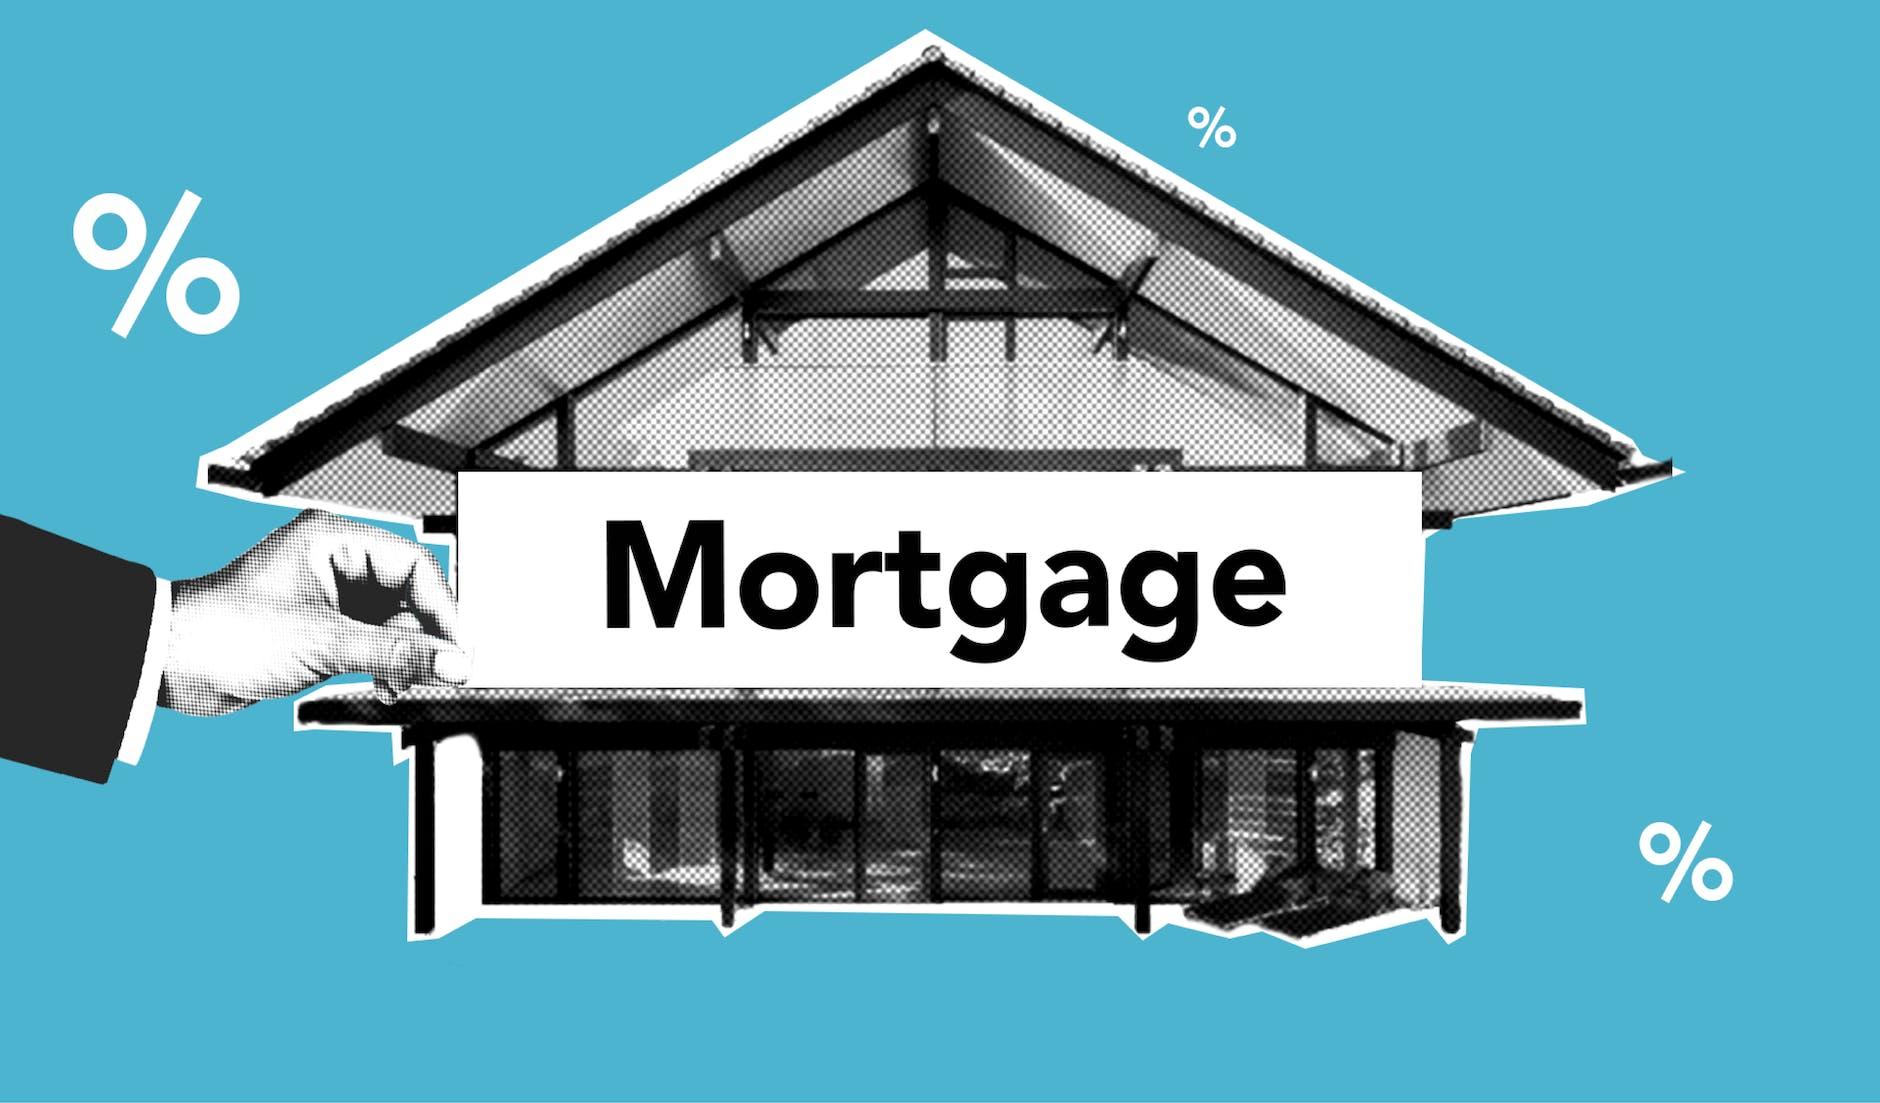 Asuransi jiwa dapat melunasi utang kredit rumah